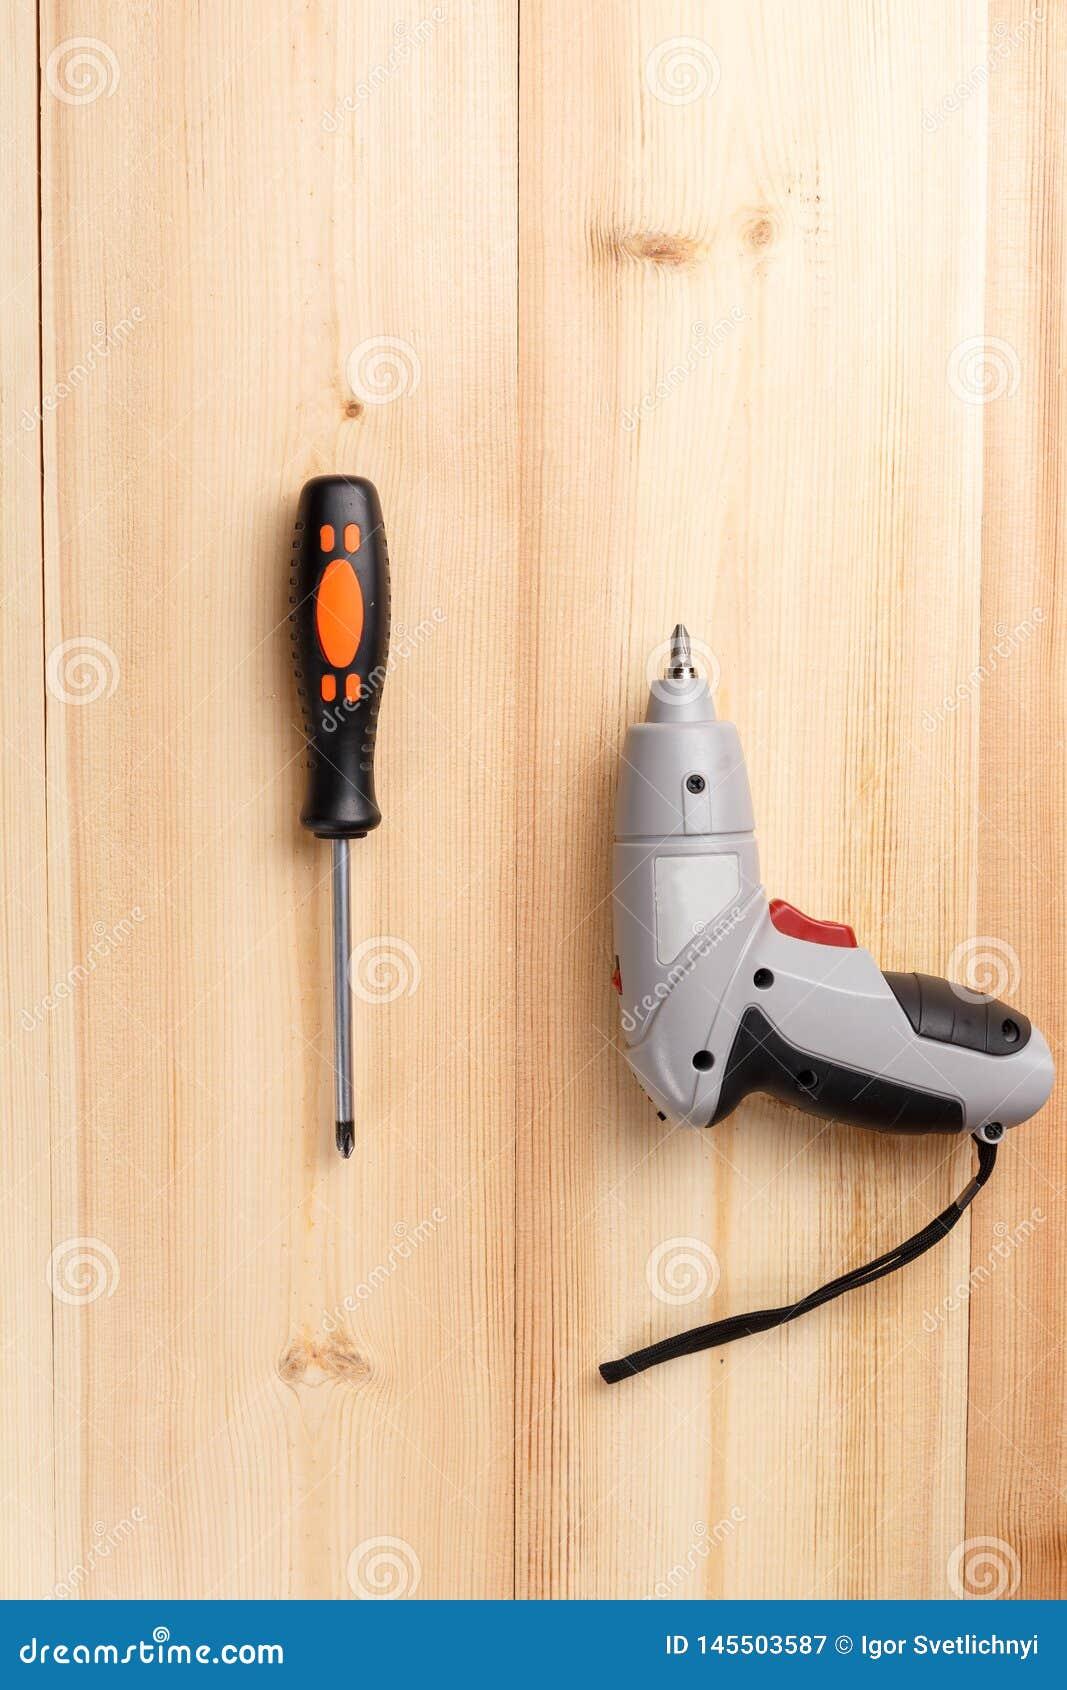 Śrubokręt i elektryczny śrubokręt